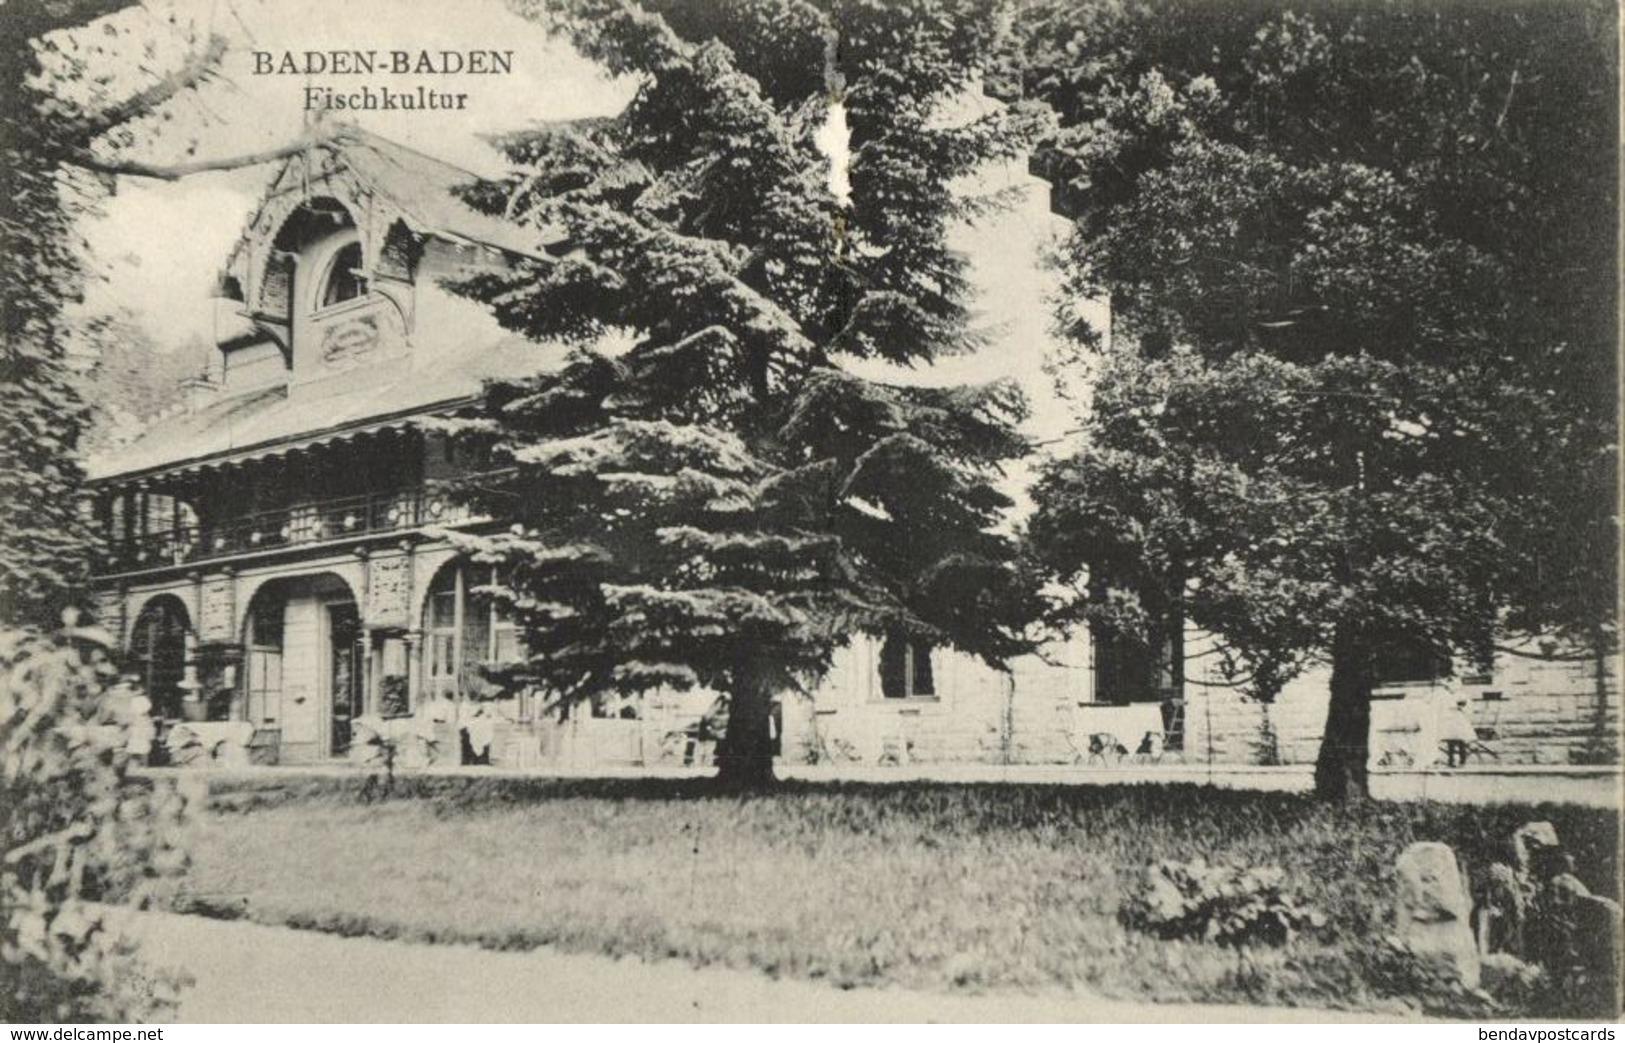 BADEN-BADEN, Fischkultur (1910s) AK - Baden-Baden